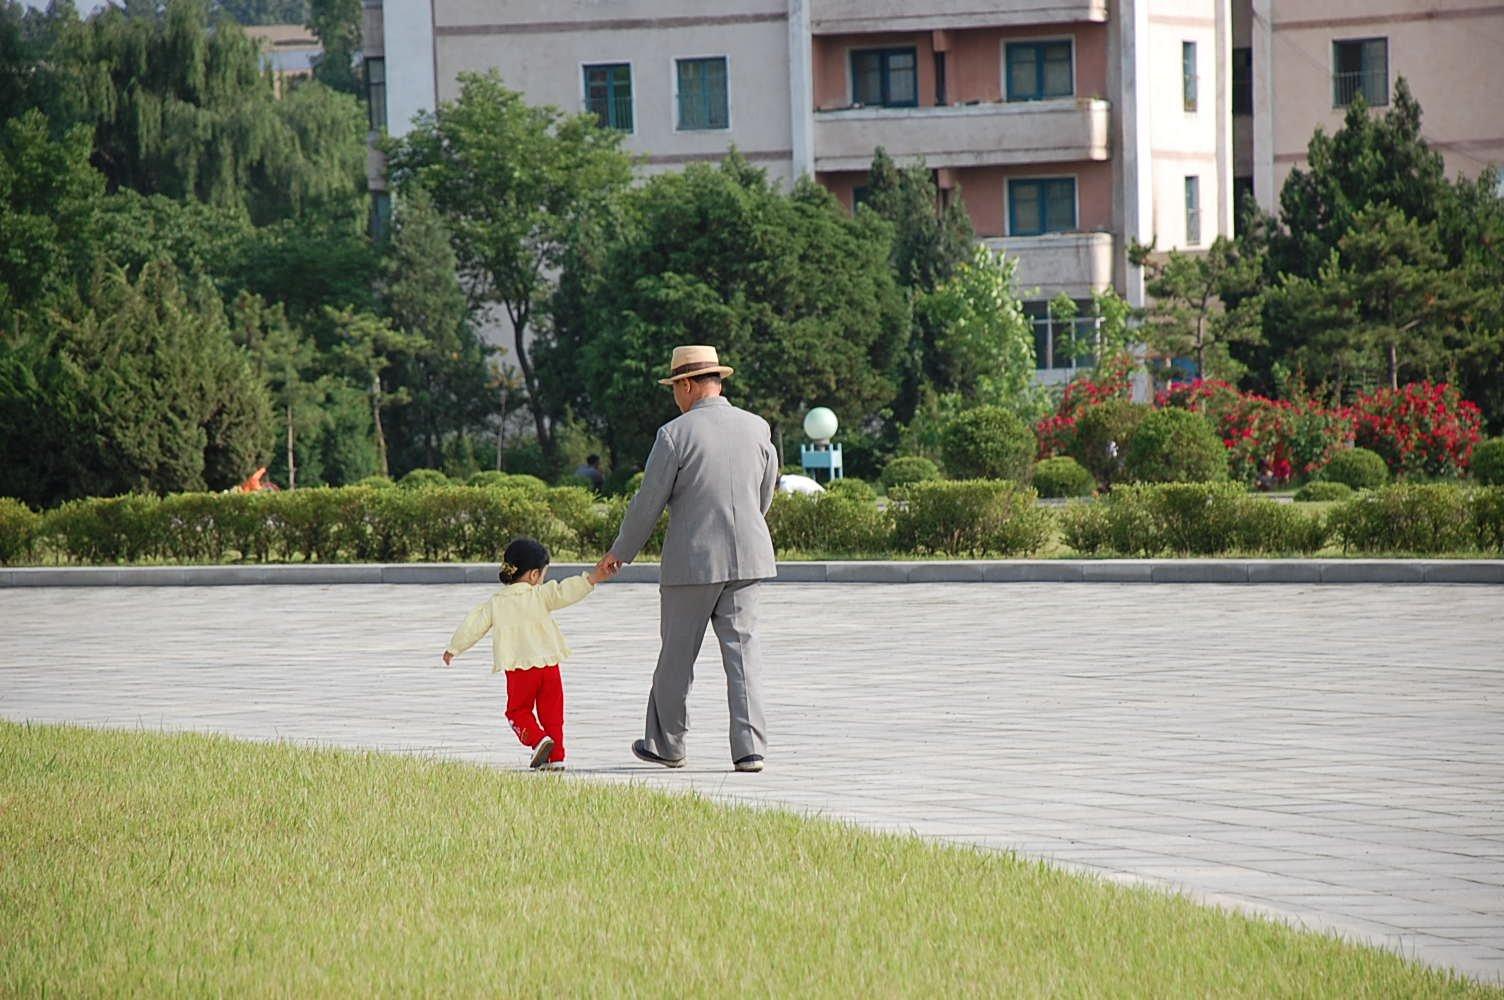 Promenade en compagnie d'un homme âgé | Image : Wikimedia Commons